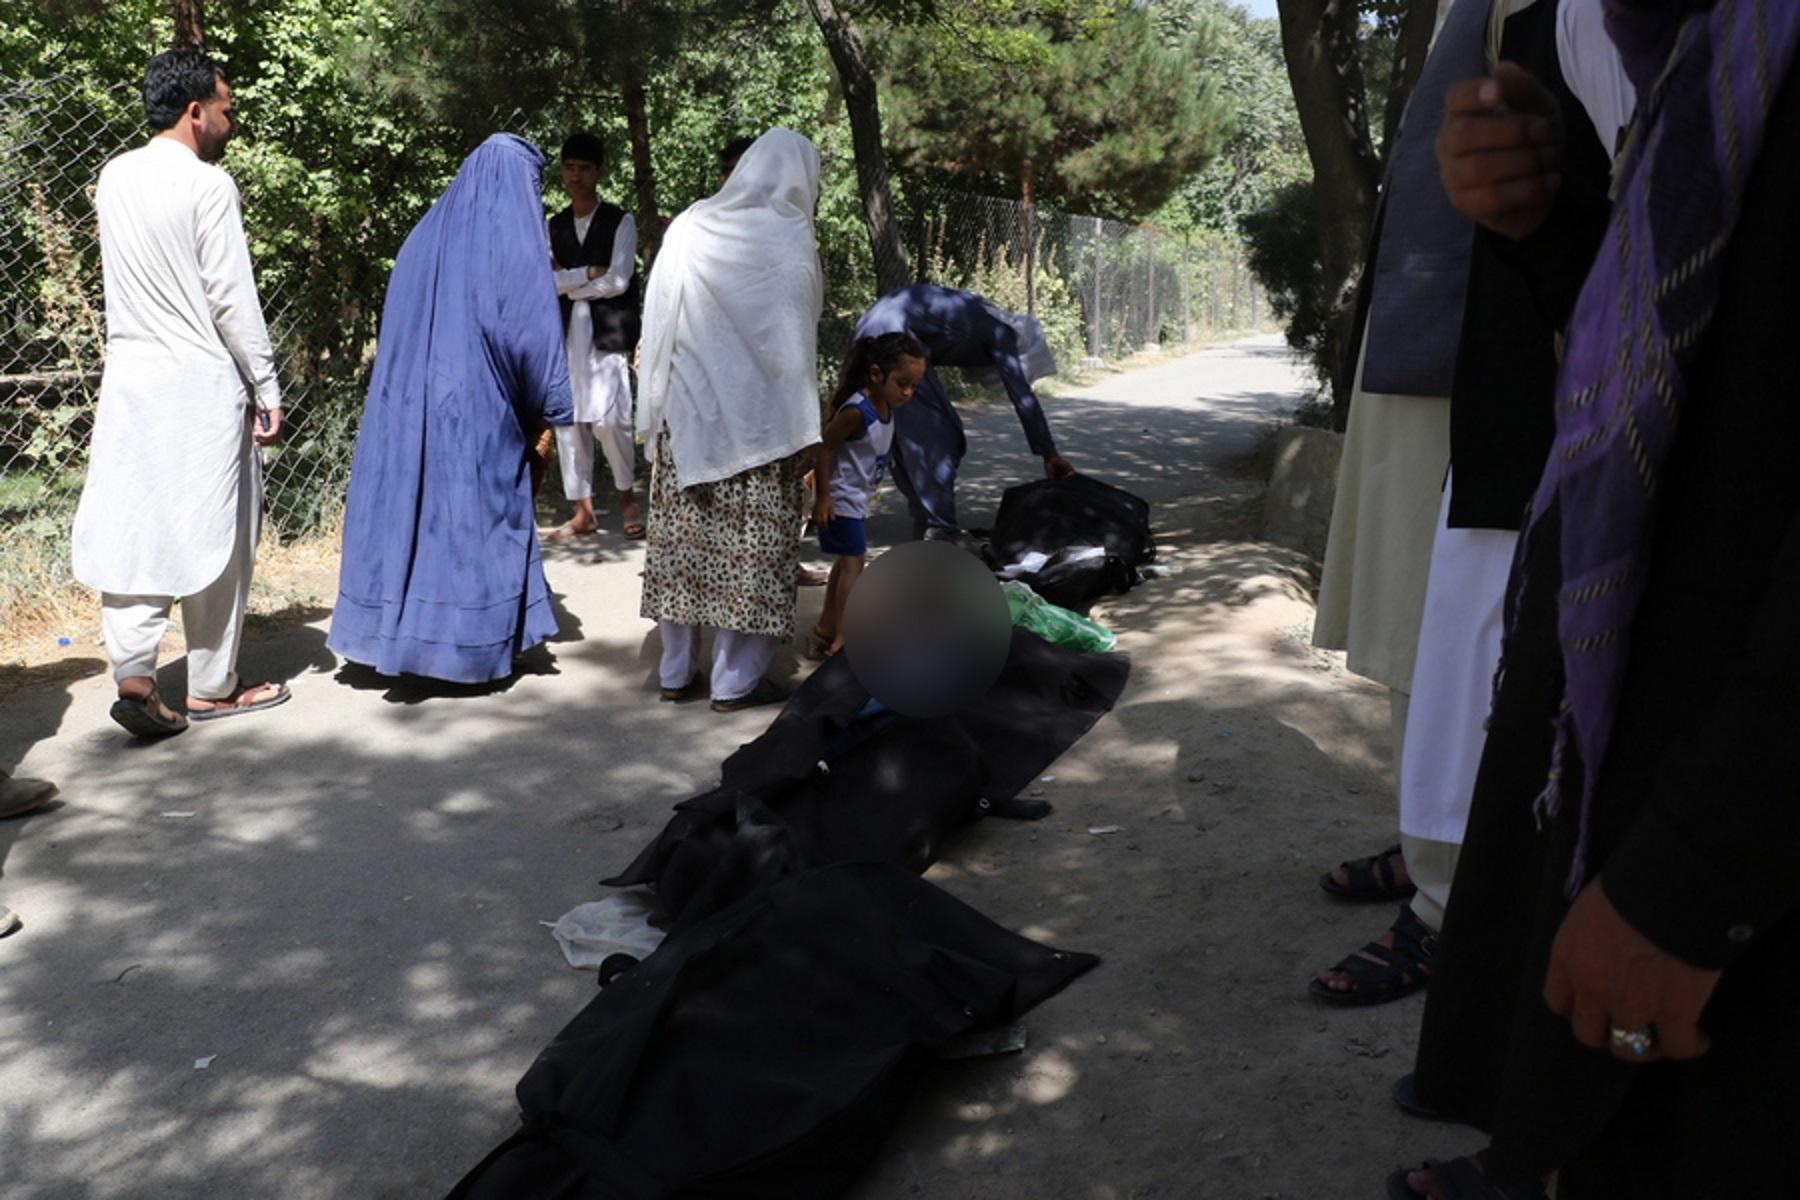 Αφγανιστάν: Πάνω από 180 νεκροί από την τρομοκρατική επίθεση στο αεροδρόμιο της Καμπούλ